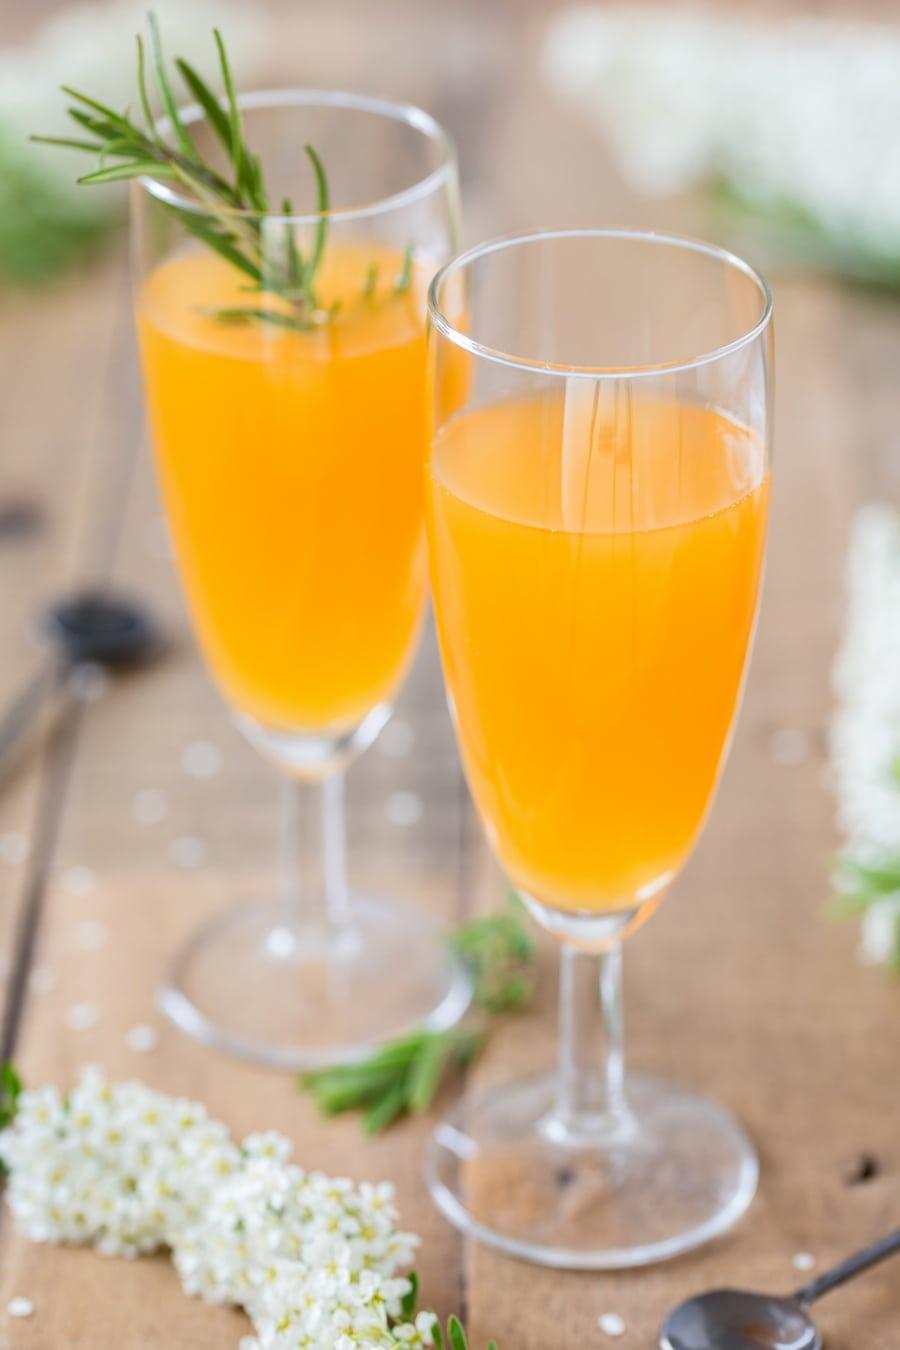 Mango cider bellini in champagne glasses.